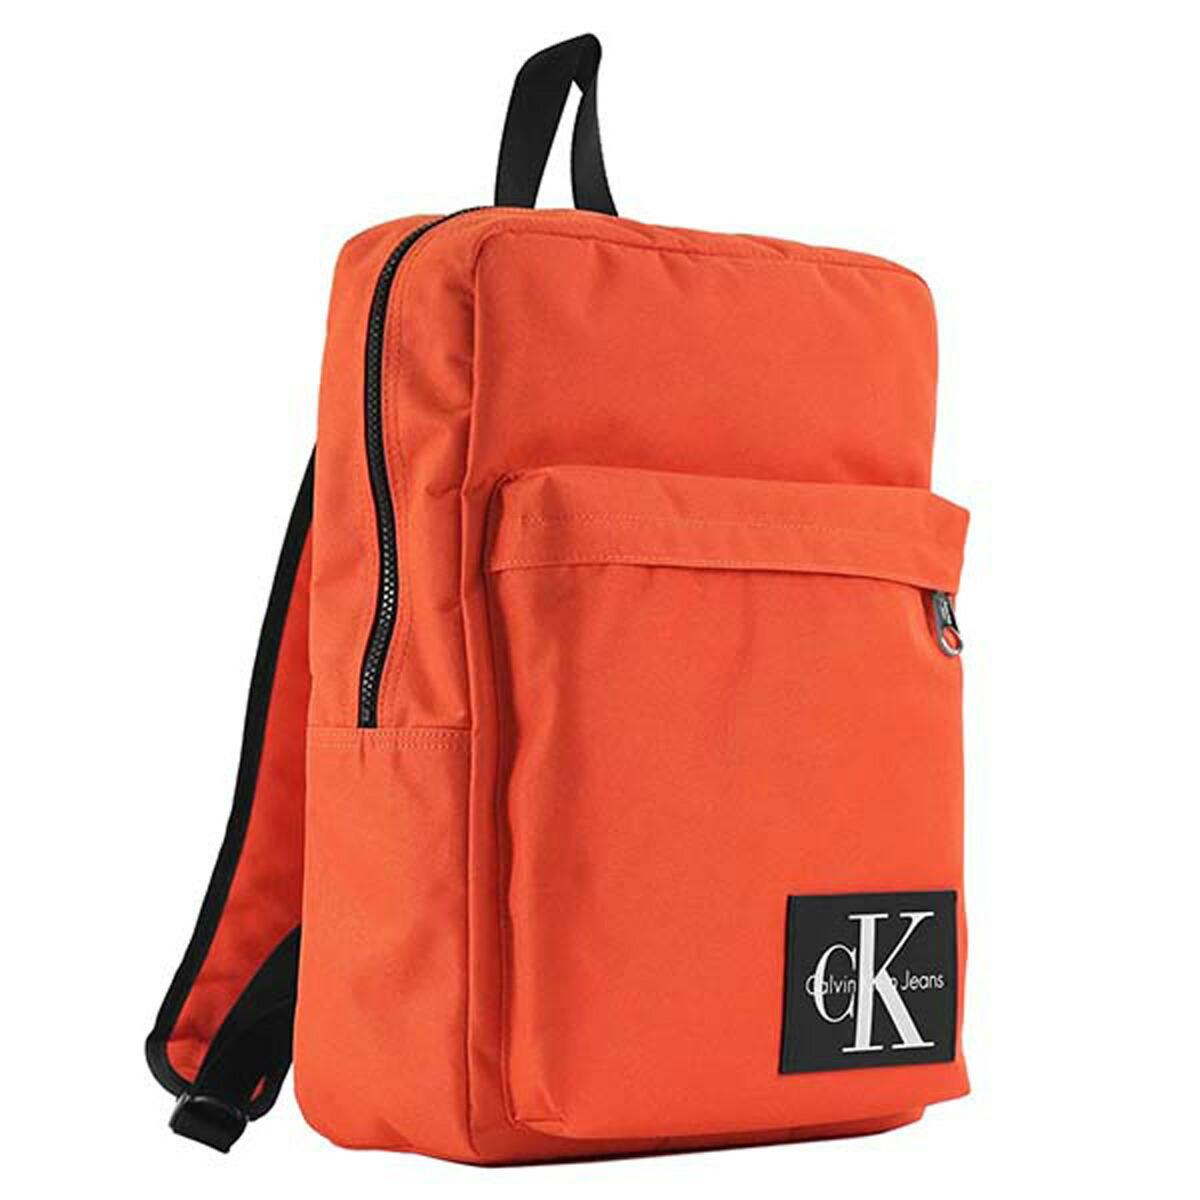 カルバンクラインジーンズ Calvin Klein Jeans CK リュックサック 750319 SLIM SQUARE BACKPACK 750319 スリム スクエア バックパック ORANGE オレンジ系+ブラック